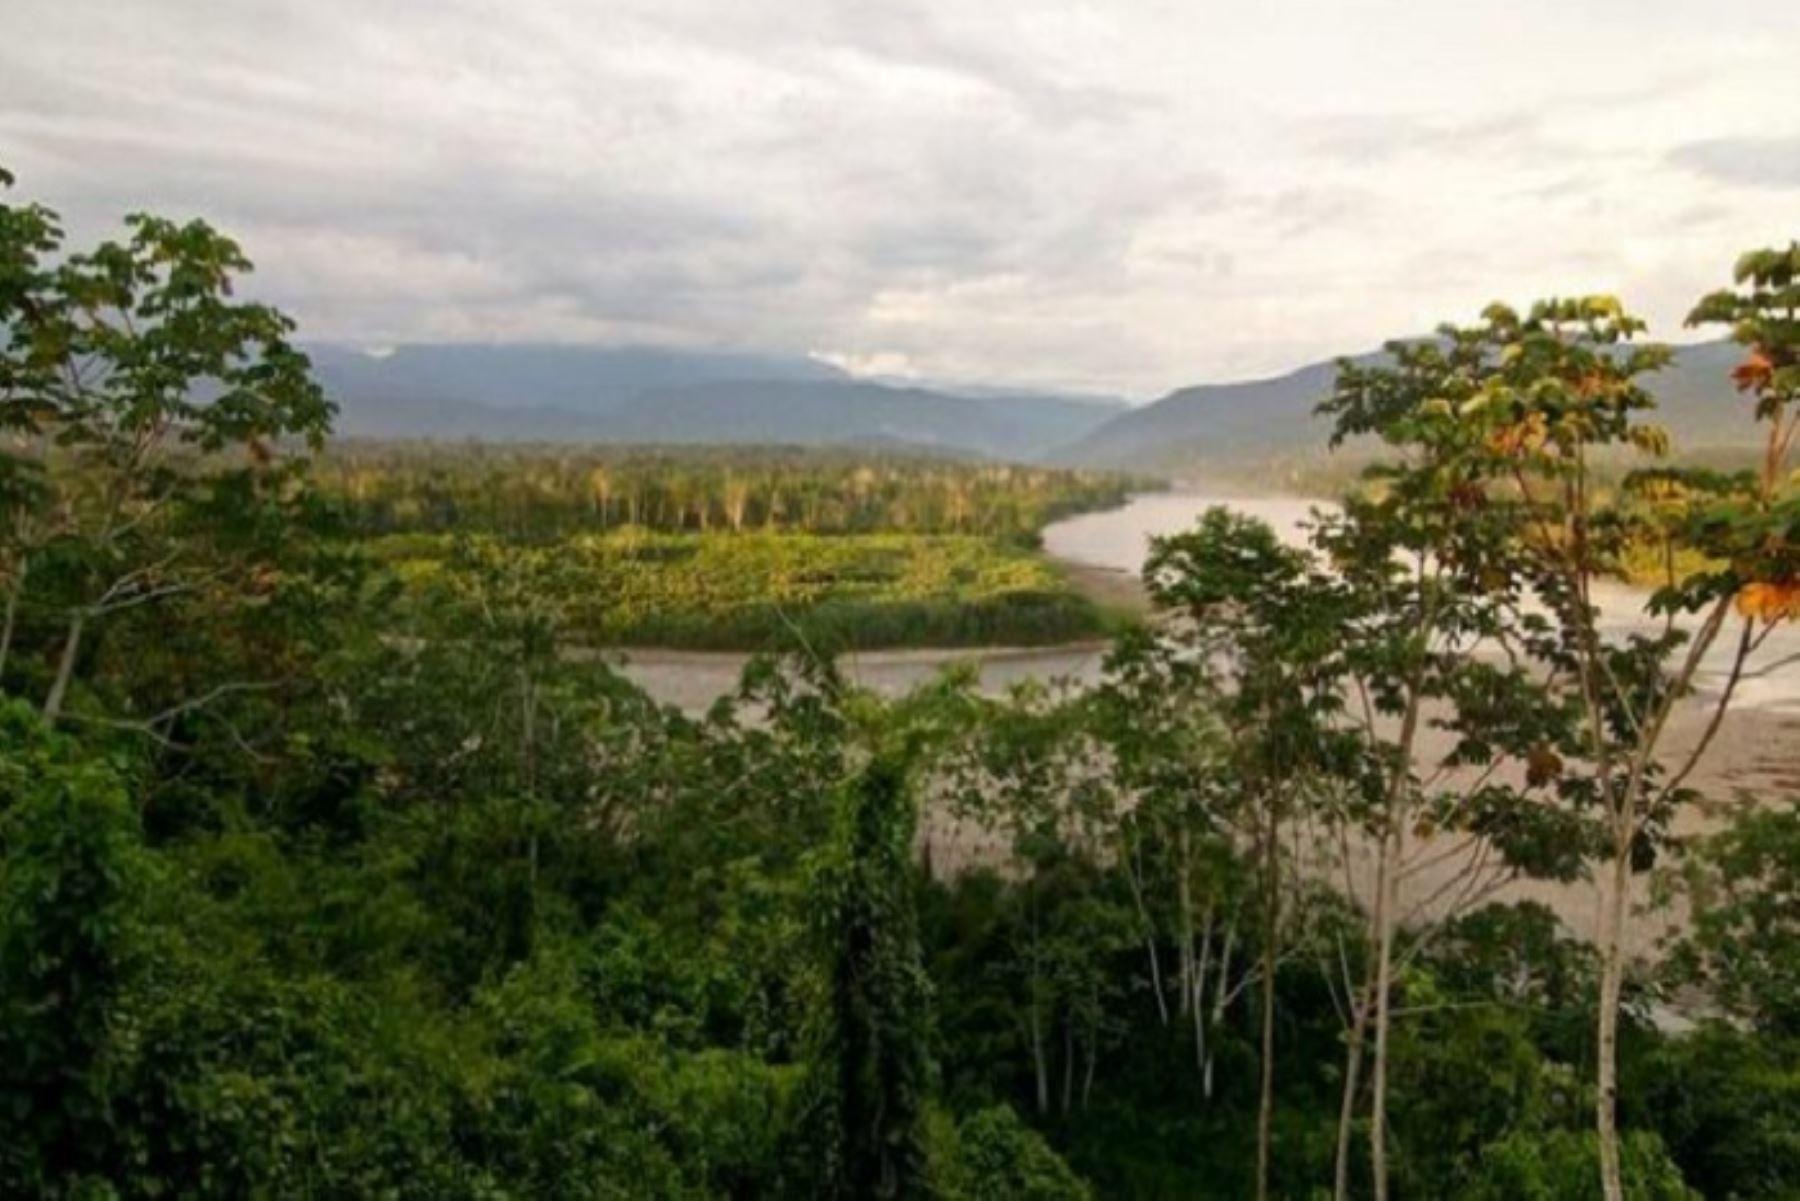 El ministro Gabriel Quijandría fue enfático al mencionar que el 51 % de las emisiones de gases de efecto invernadero provienen de la pérdida de bosques y eso es algo que debe detenerse. ANDINA/Minam